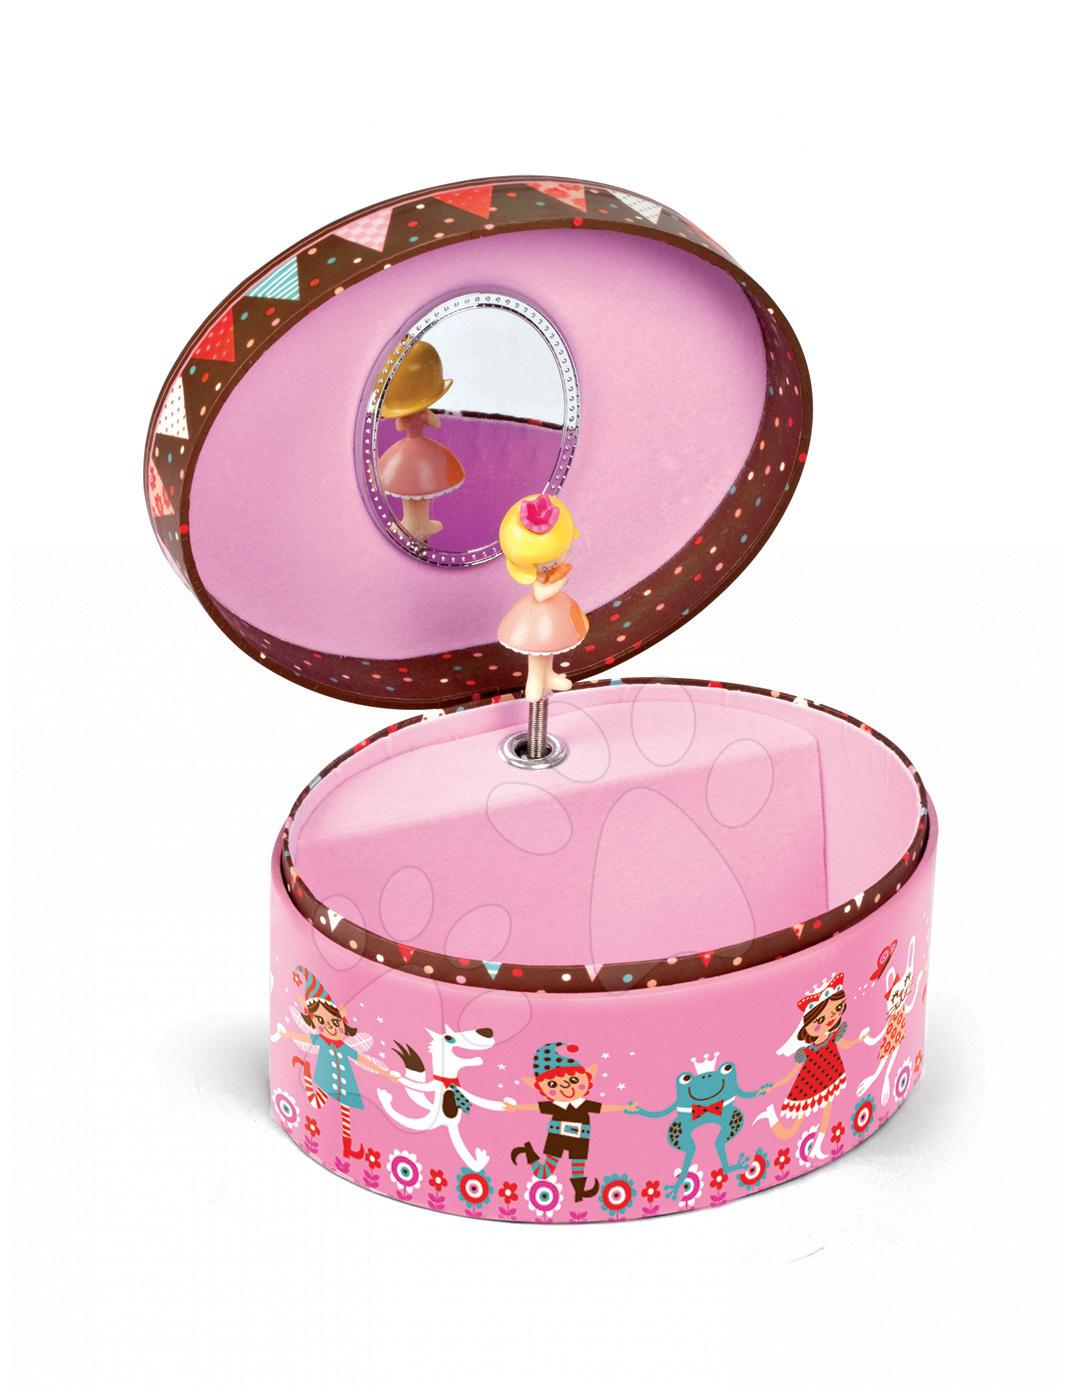 Hudební šperkovnice Jewellery Oval Musical Box - Petruschka Janod #VALUE!